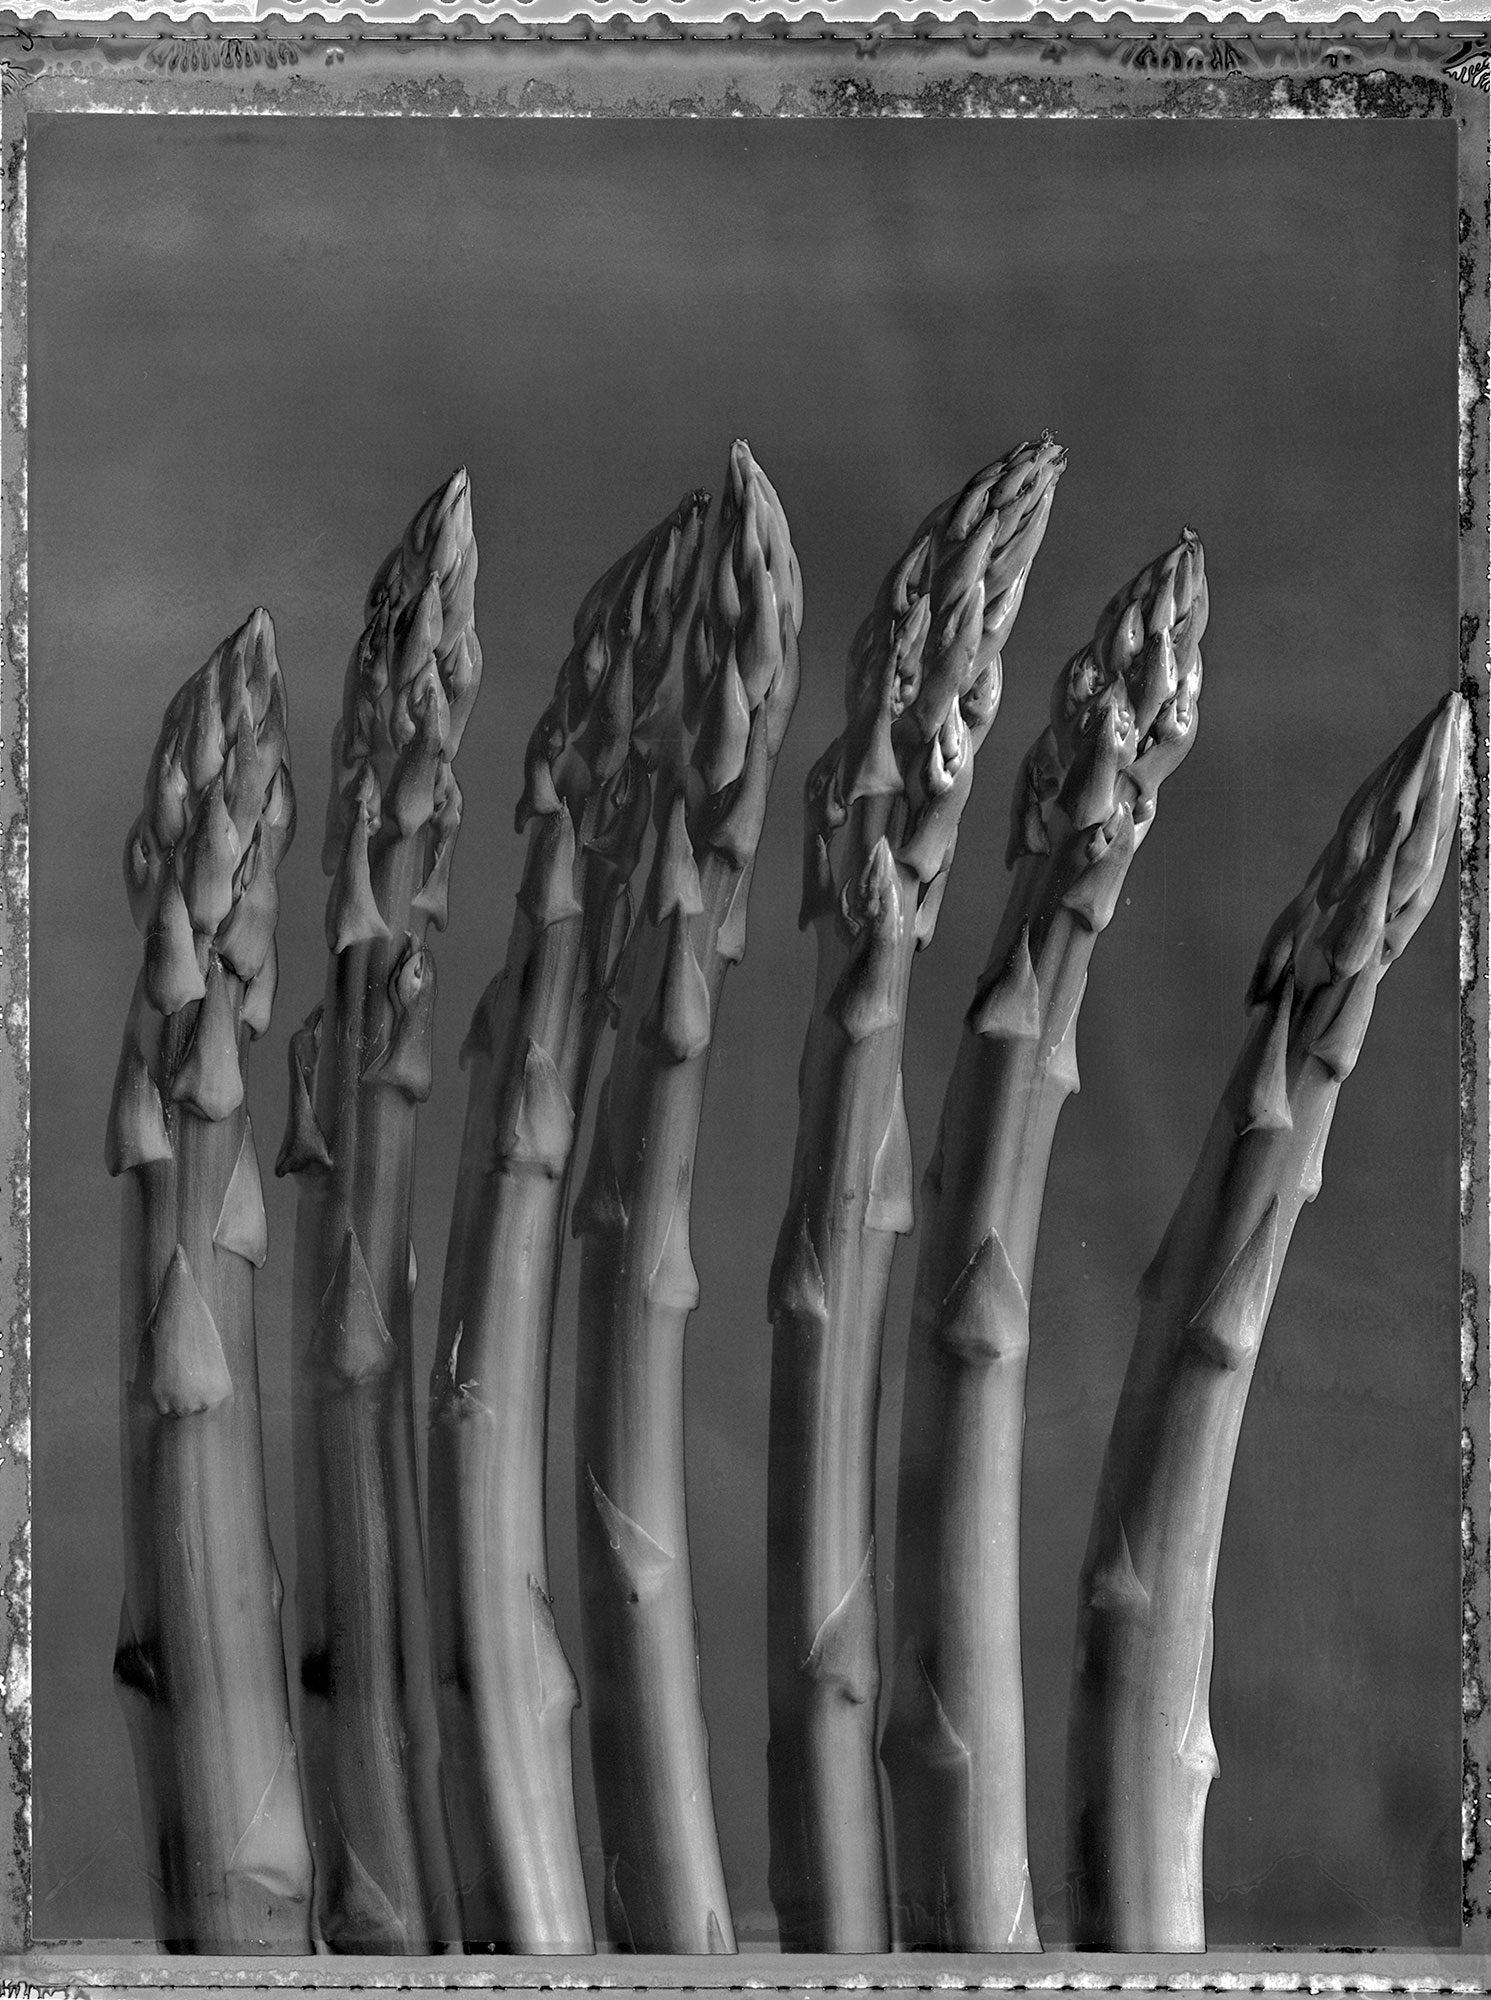 Asparagus2020